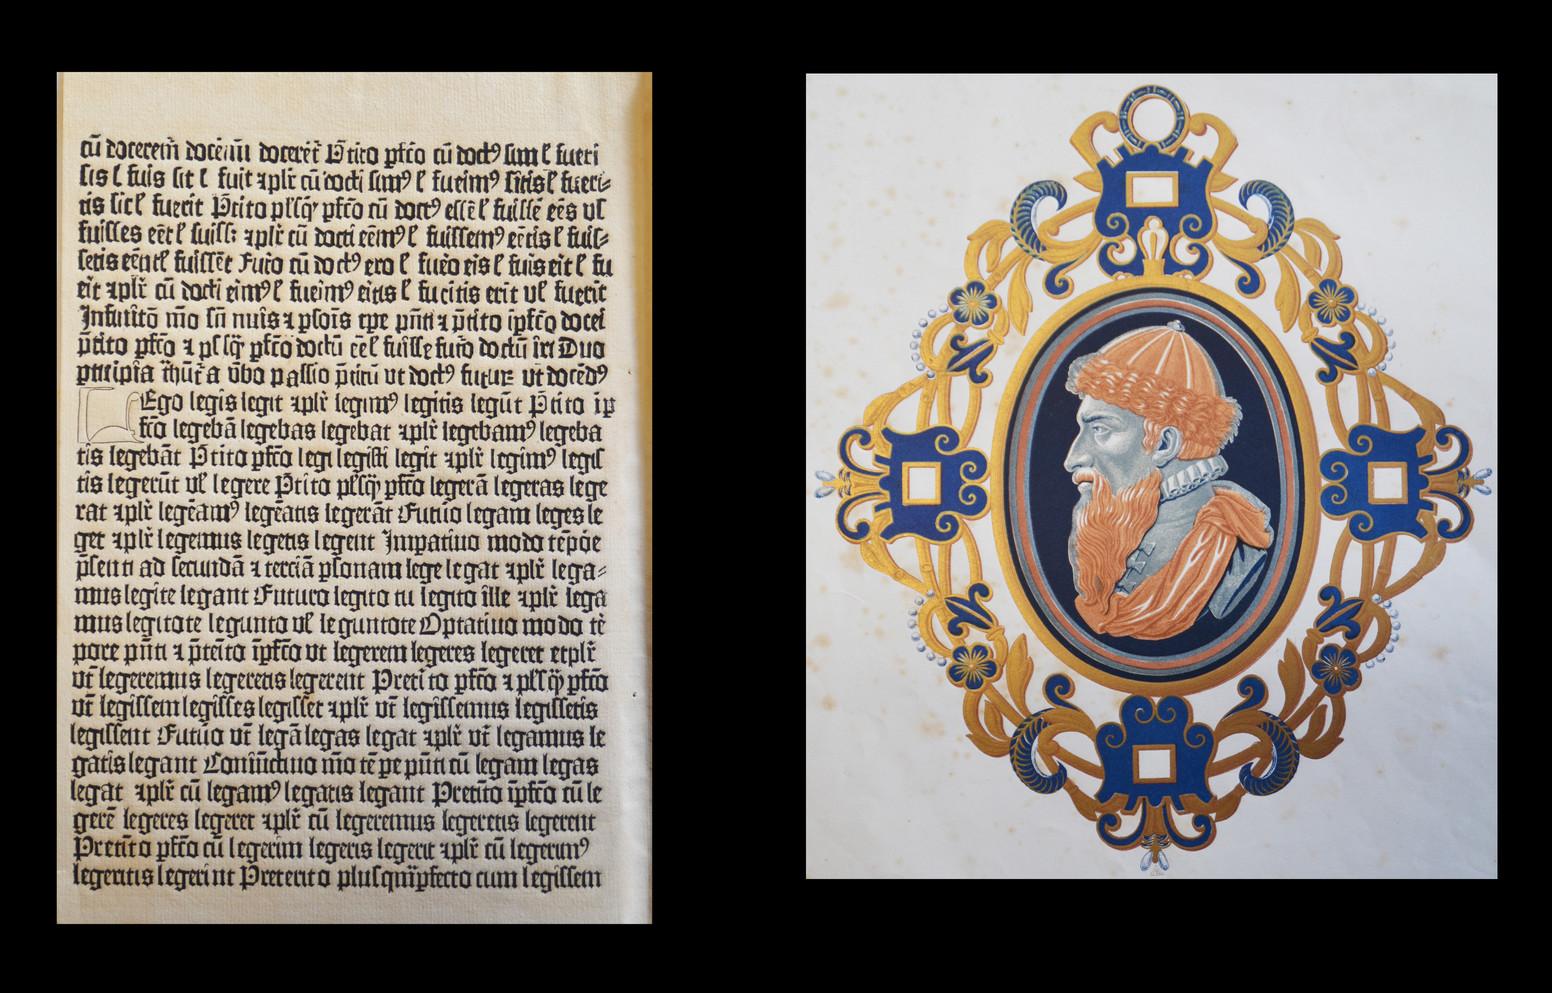 FAC-SIMILE de la Première Bible de Mayence imprimée par Gutenberg, et médaillon contenant le portrait de Gutenberg